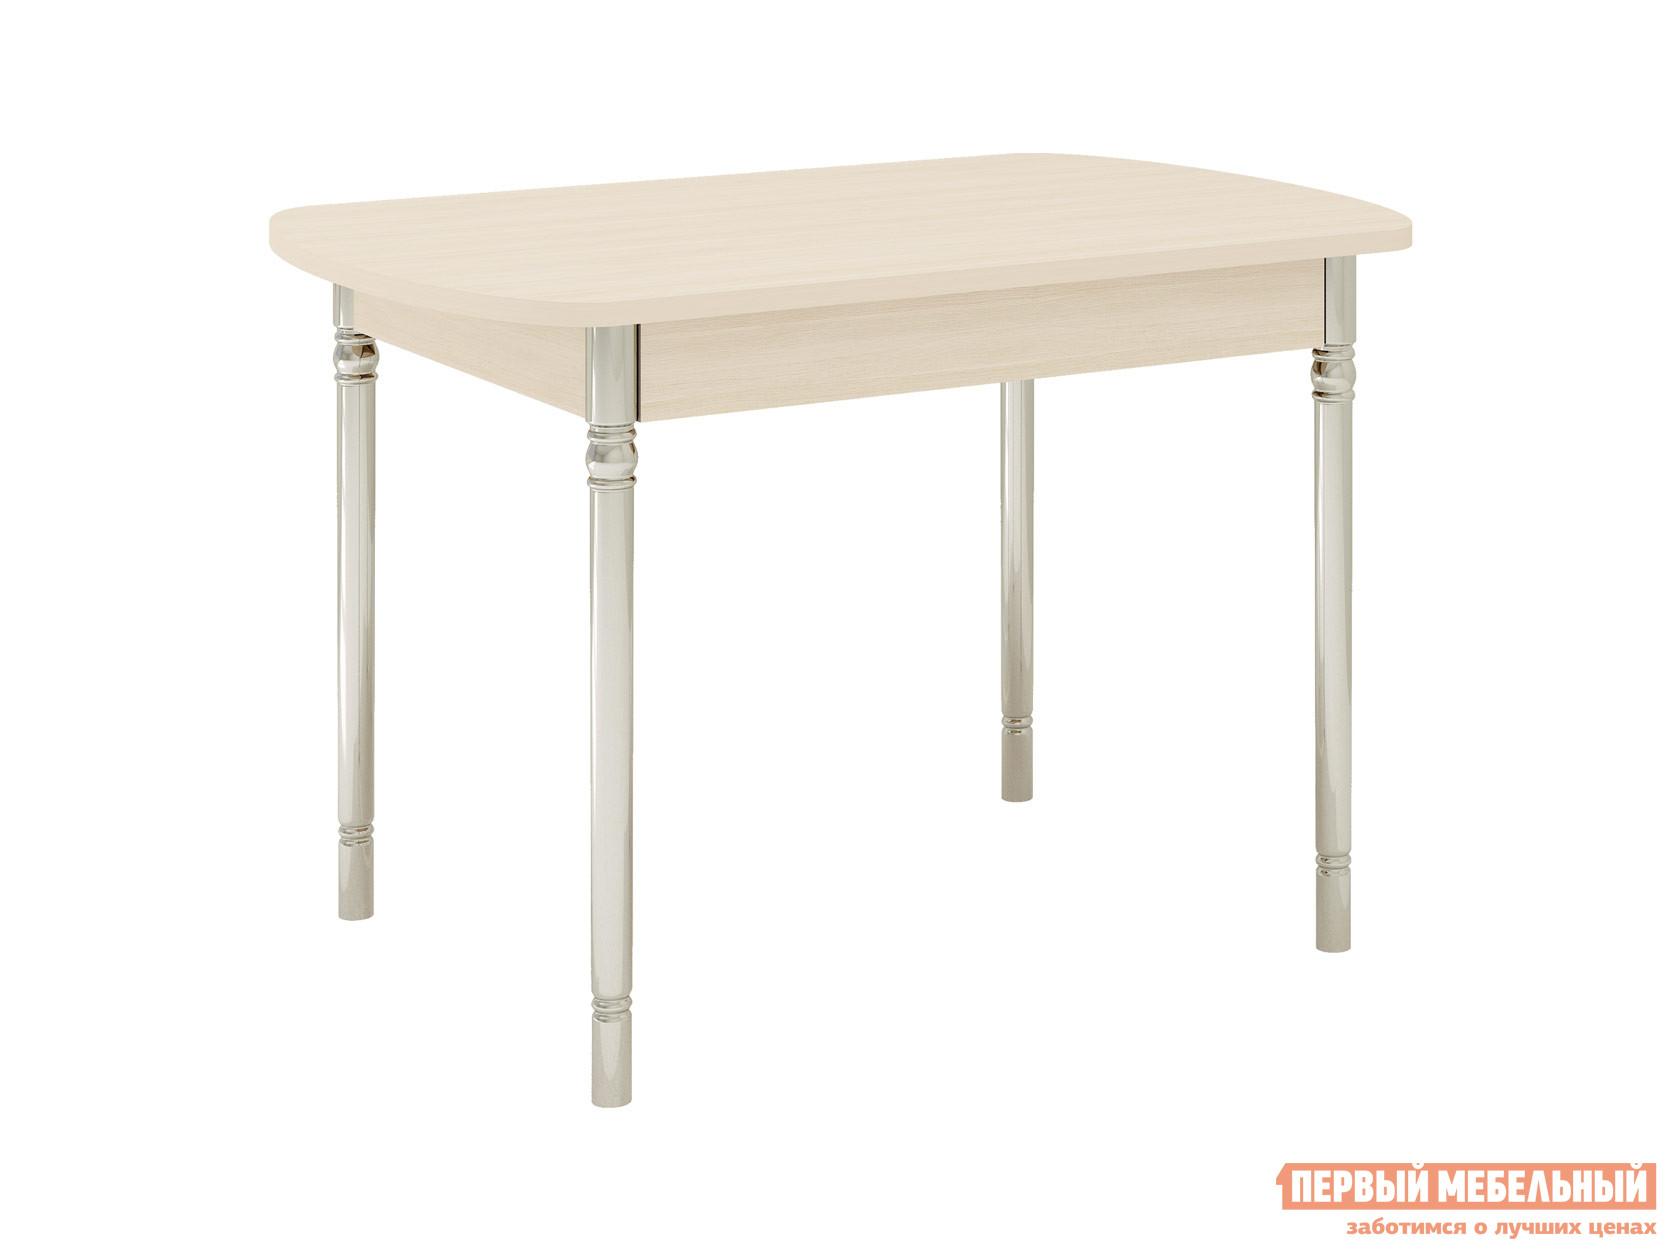 Деревянный стол для кухни Витра Орфей-10 обеденный стол витра орфей 21